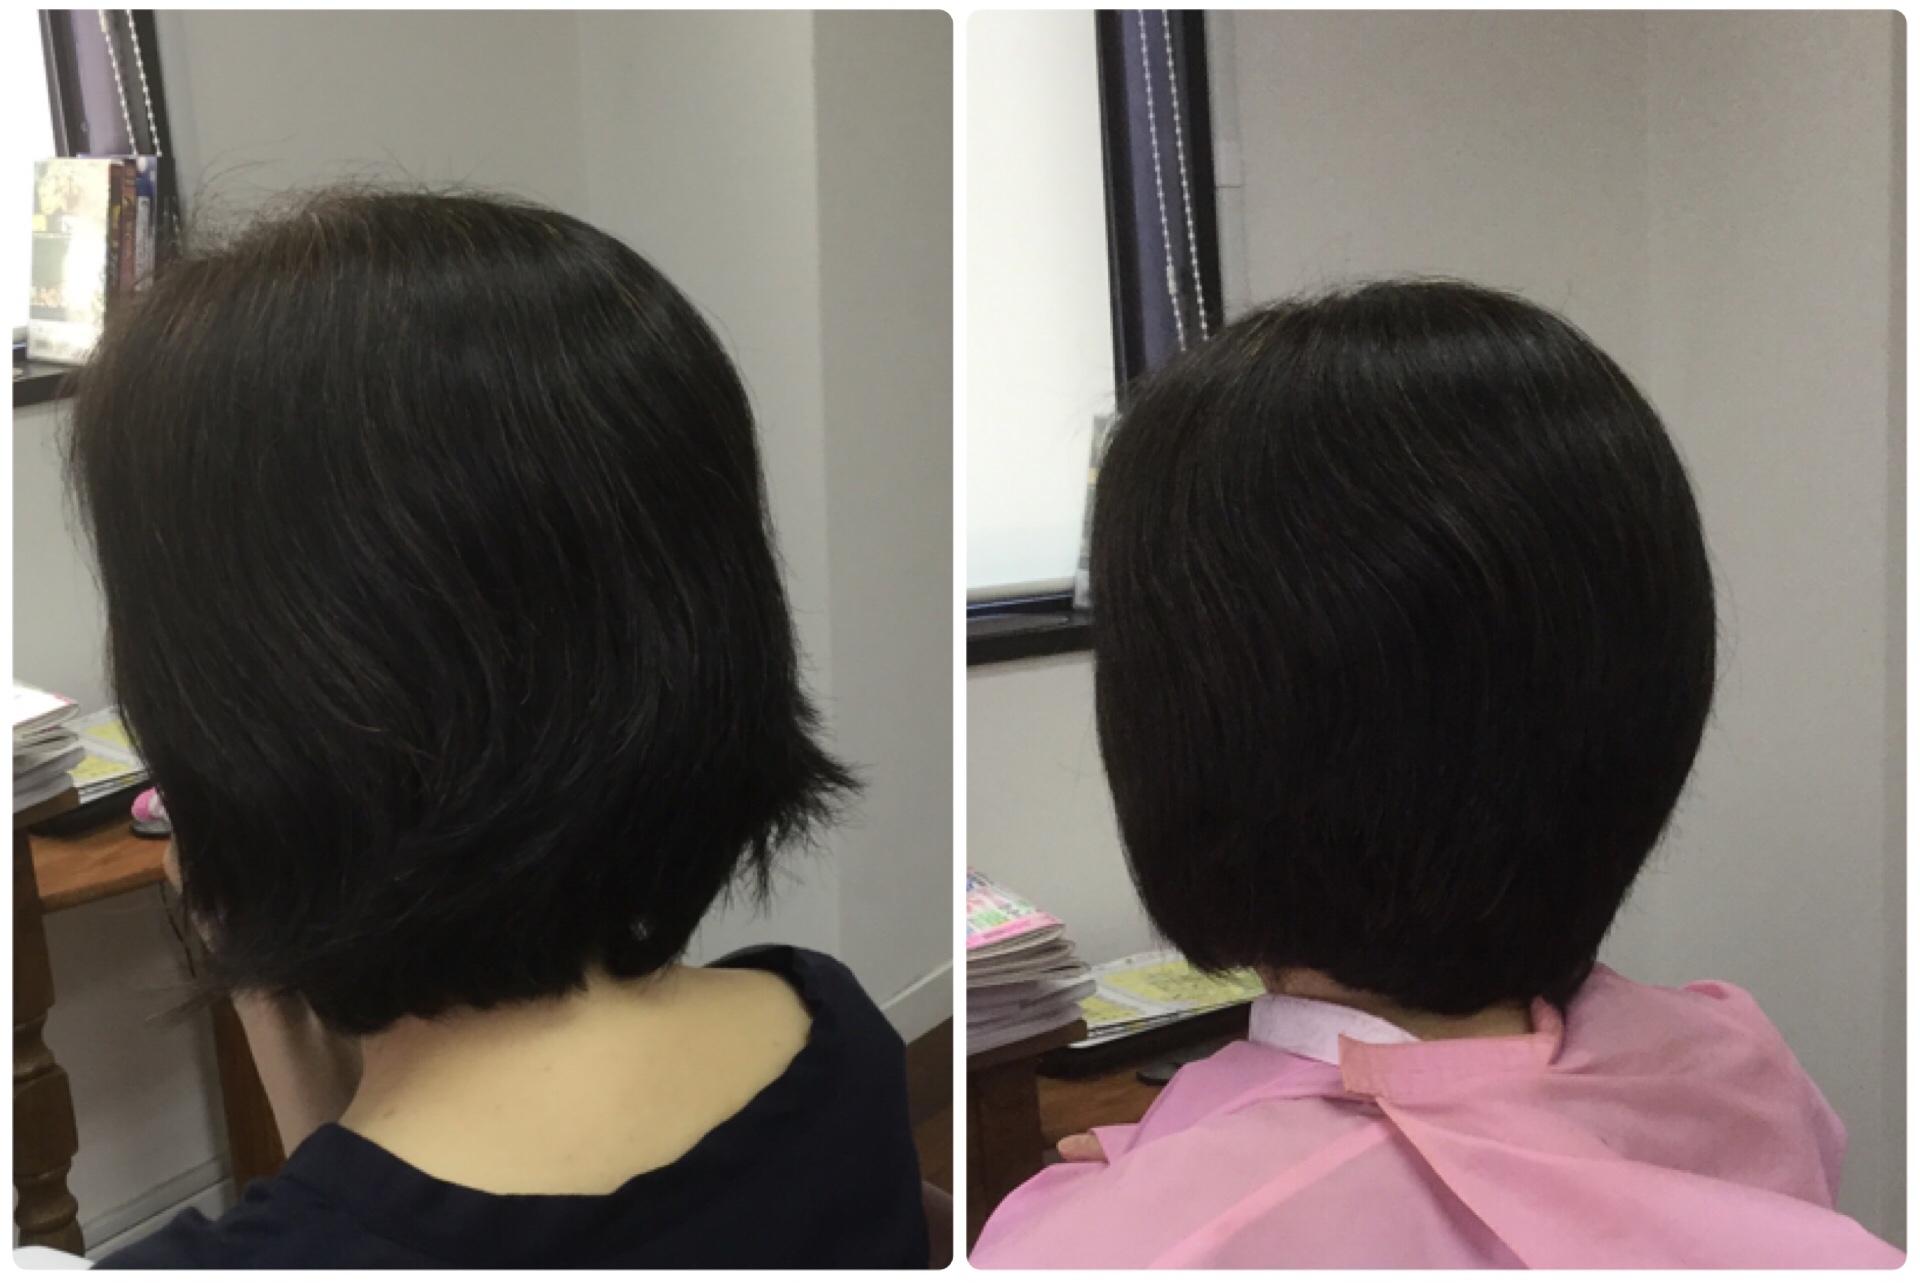 Iくせ毛が大きくうねるハネるからすきハサミを使わないカット!神戸くせ毛専門美容室アバディ